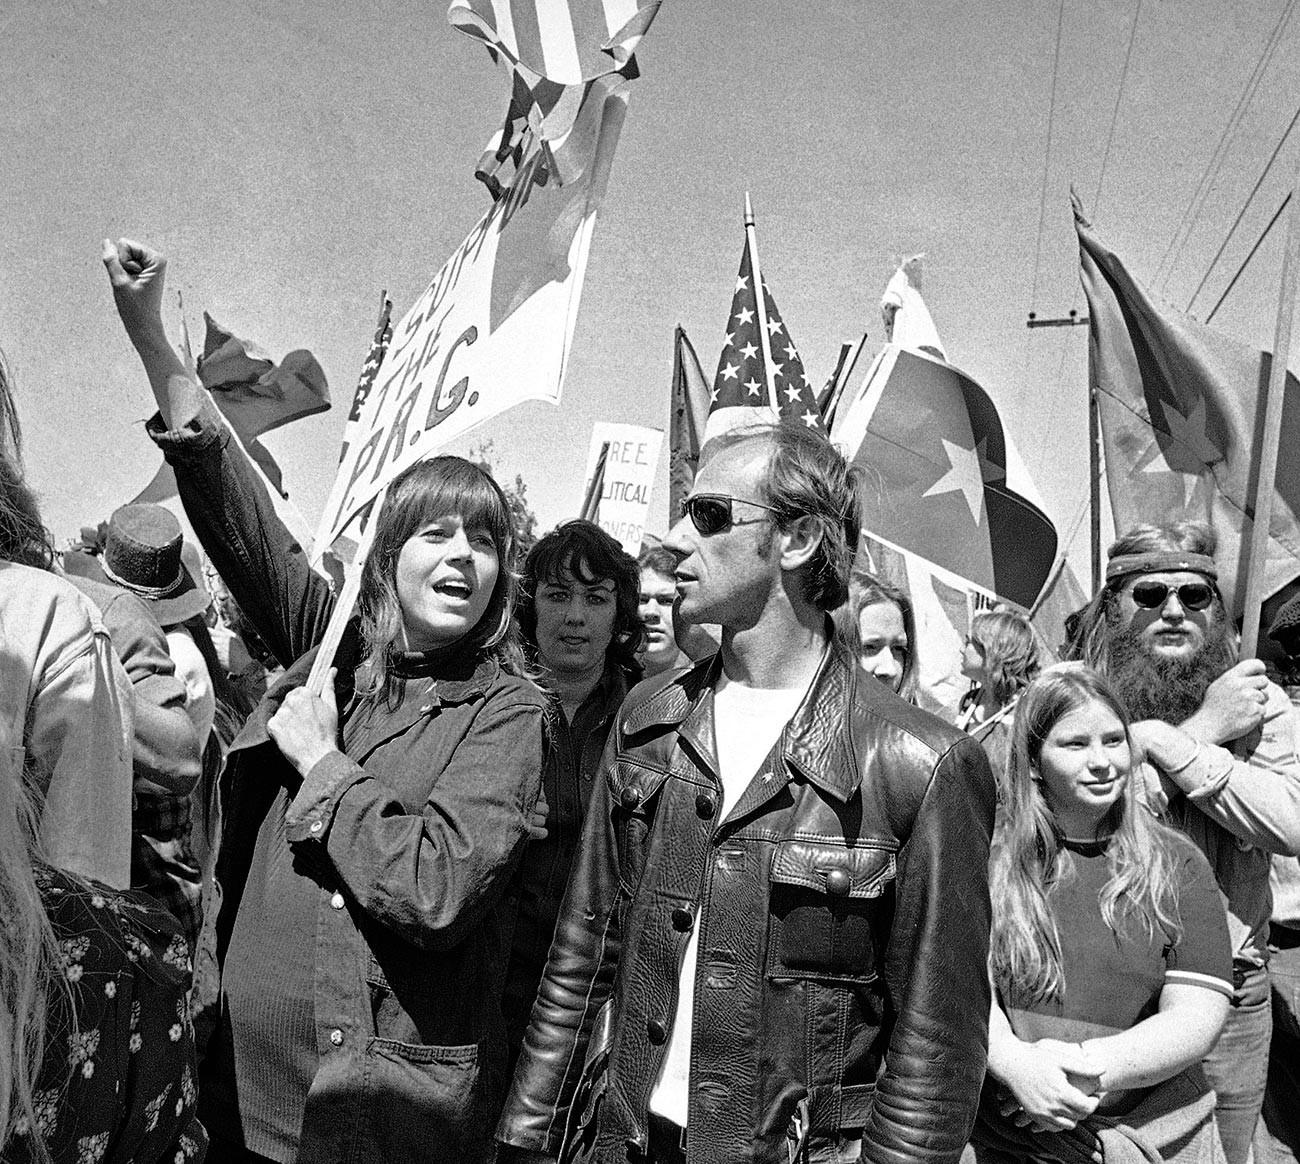 Le 2 avril 1973, l'actrice Jane Fonda lève le bras en l'air alors qu'elle se joint à un groupe de manifestants anti-guerre en marche vers la Maison Blanche pour protester contre la visite du président sud-vietnamien Nguyen Van Thieu à San Clemente, en Californie.